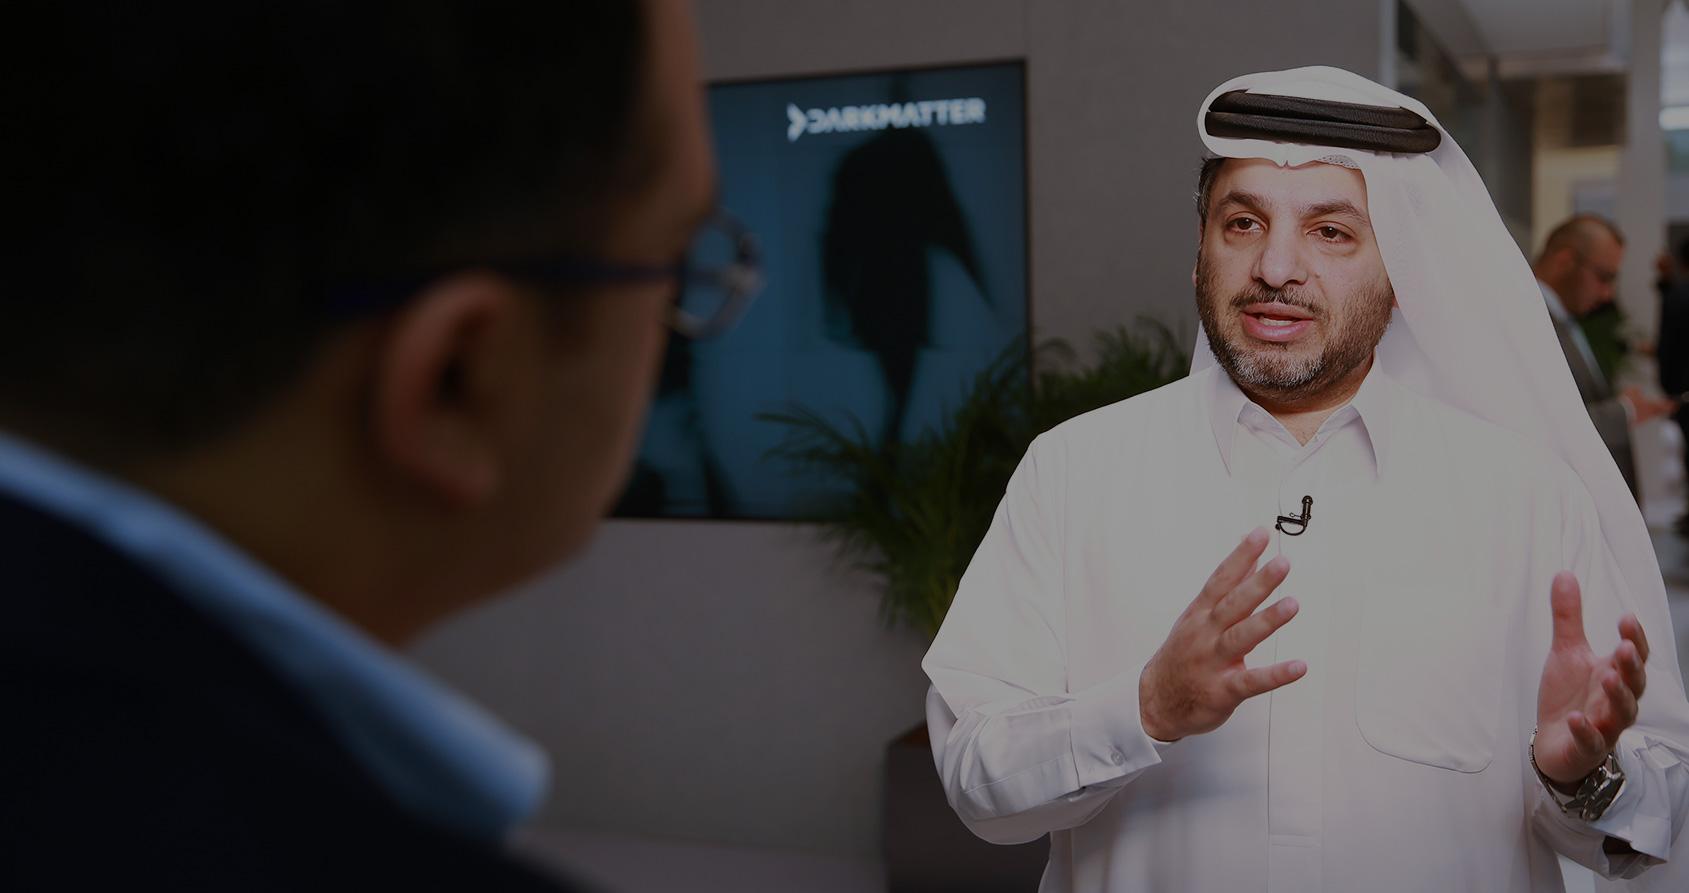 DarkMatter : les renseignements émiratis ont-ils lancé une start-up de cybersécurité ?